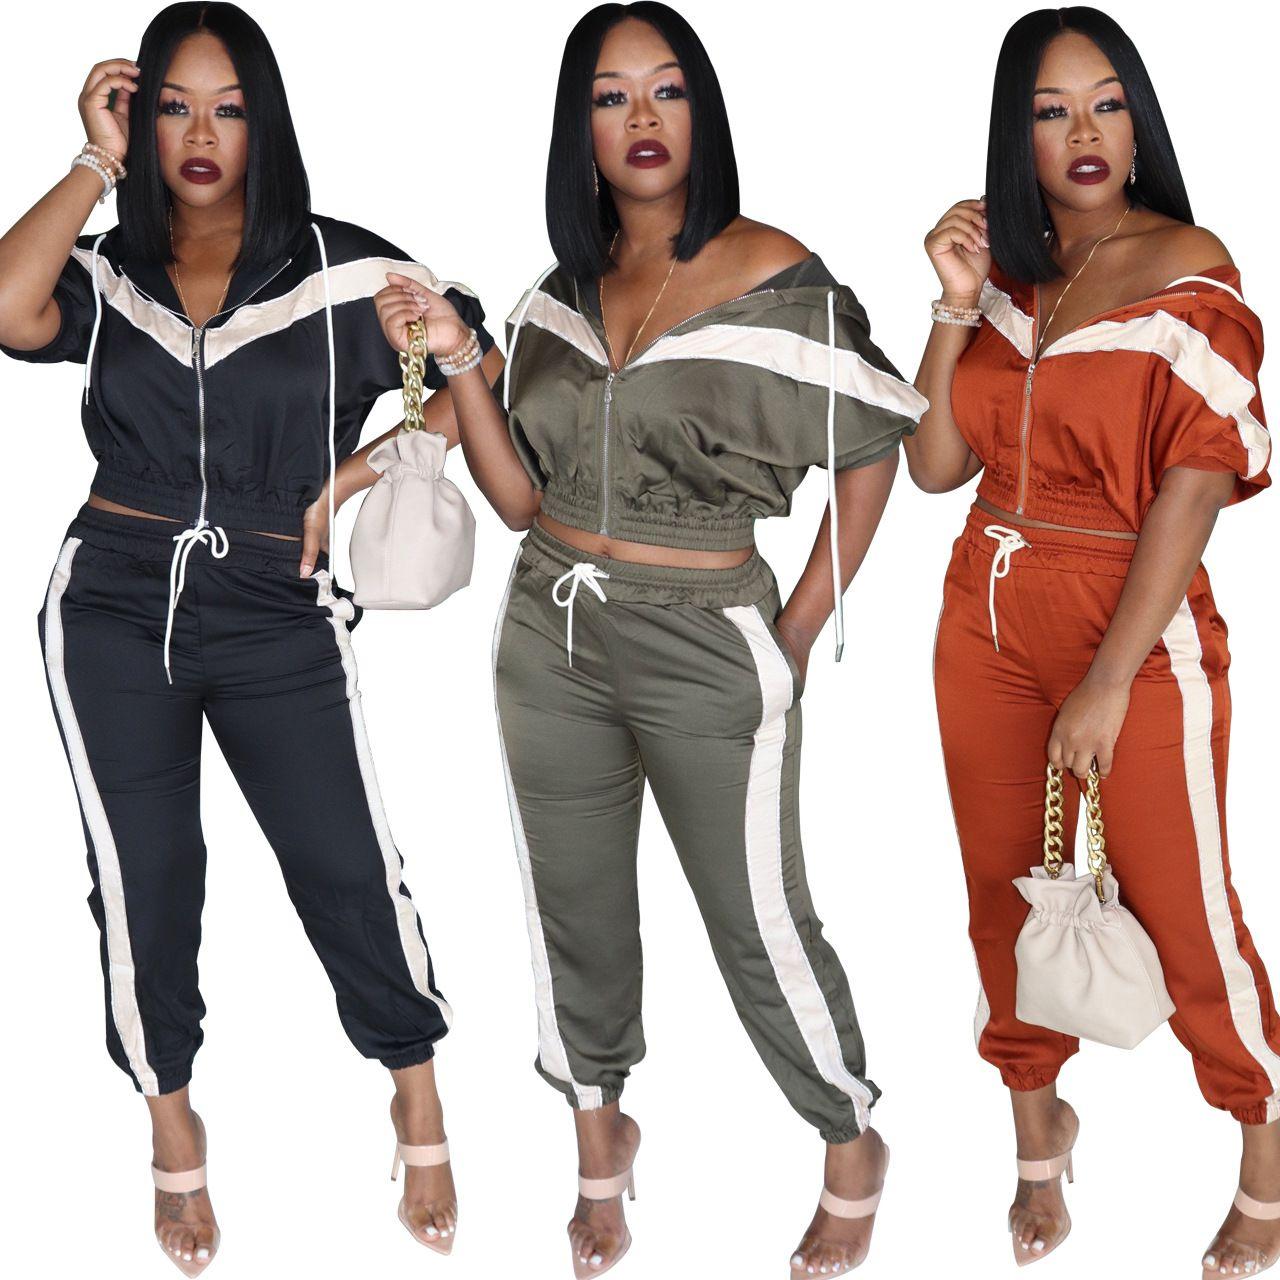 New Stripes Patchwork beiläufige mit Kapuze Tracksuits Zwei Stücke Lange Ärmel Reißverschluss-Jacken-Hosen-Anzeige Mode Frauen-Sport-Outfits Herbst